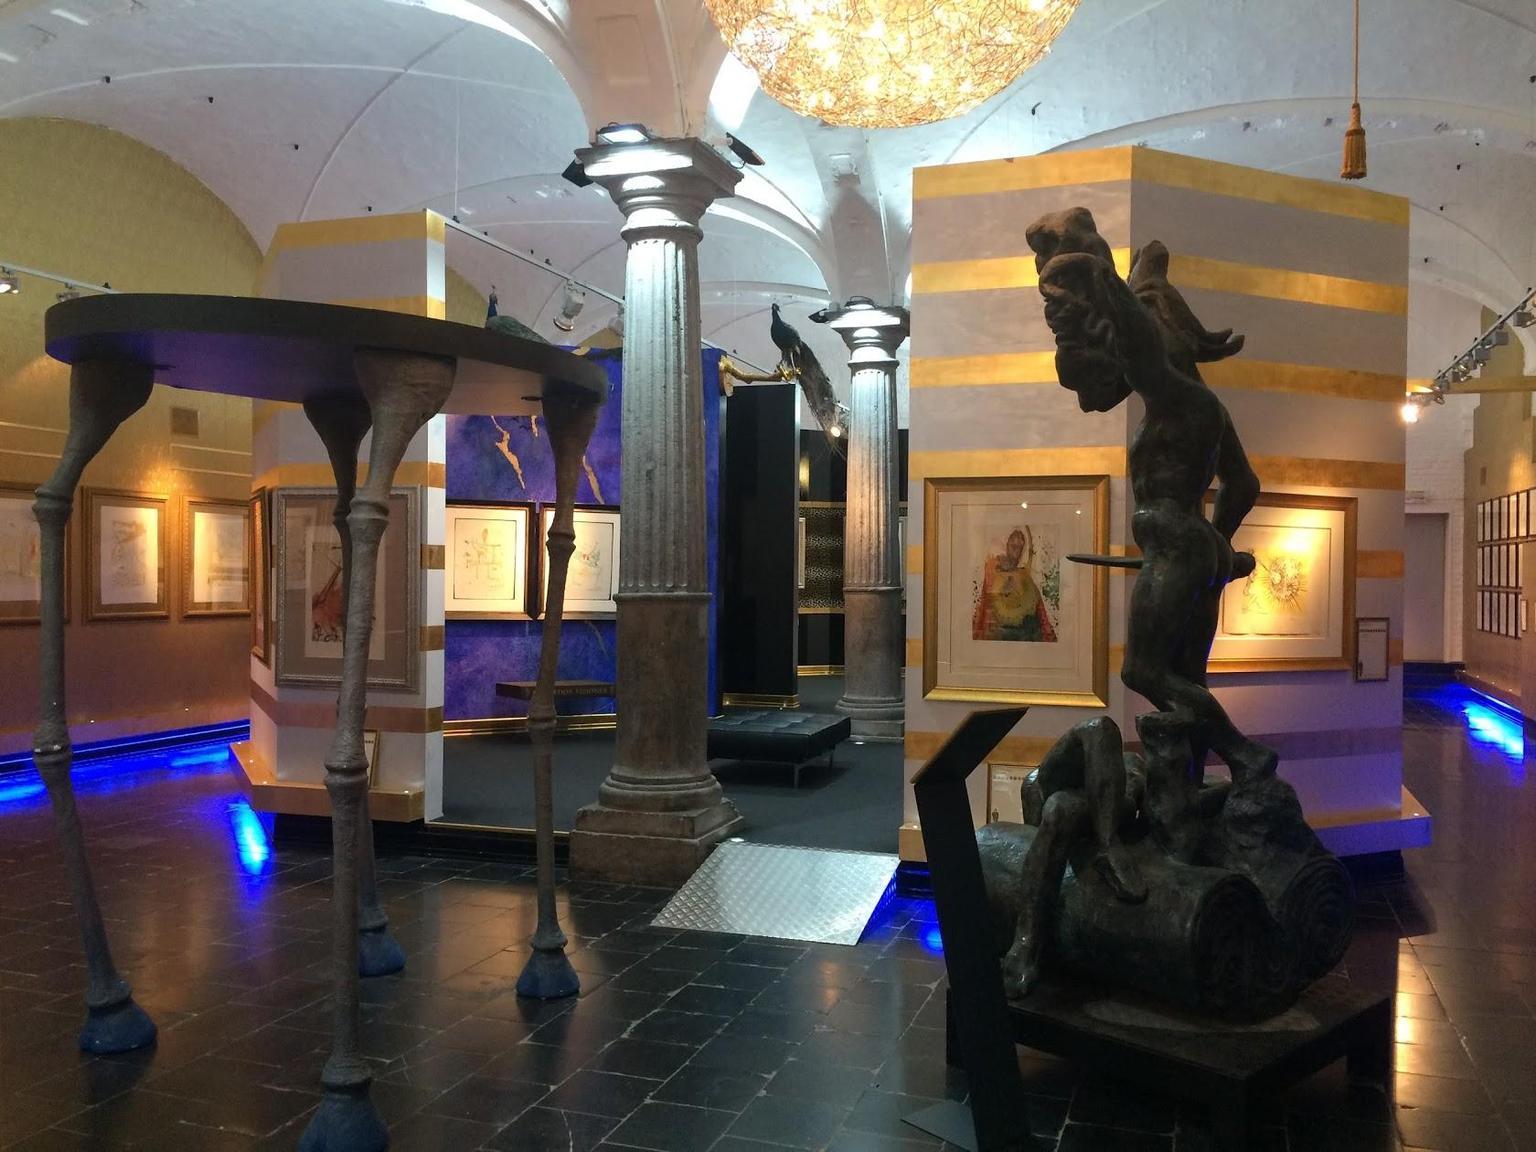 MÁS FOTOS, Entrada a la exposición de Salvador Dalí, Belfort, Markt 7, 8000 Brujas